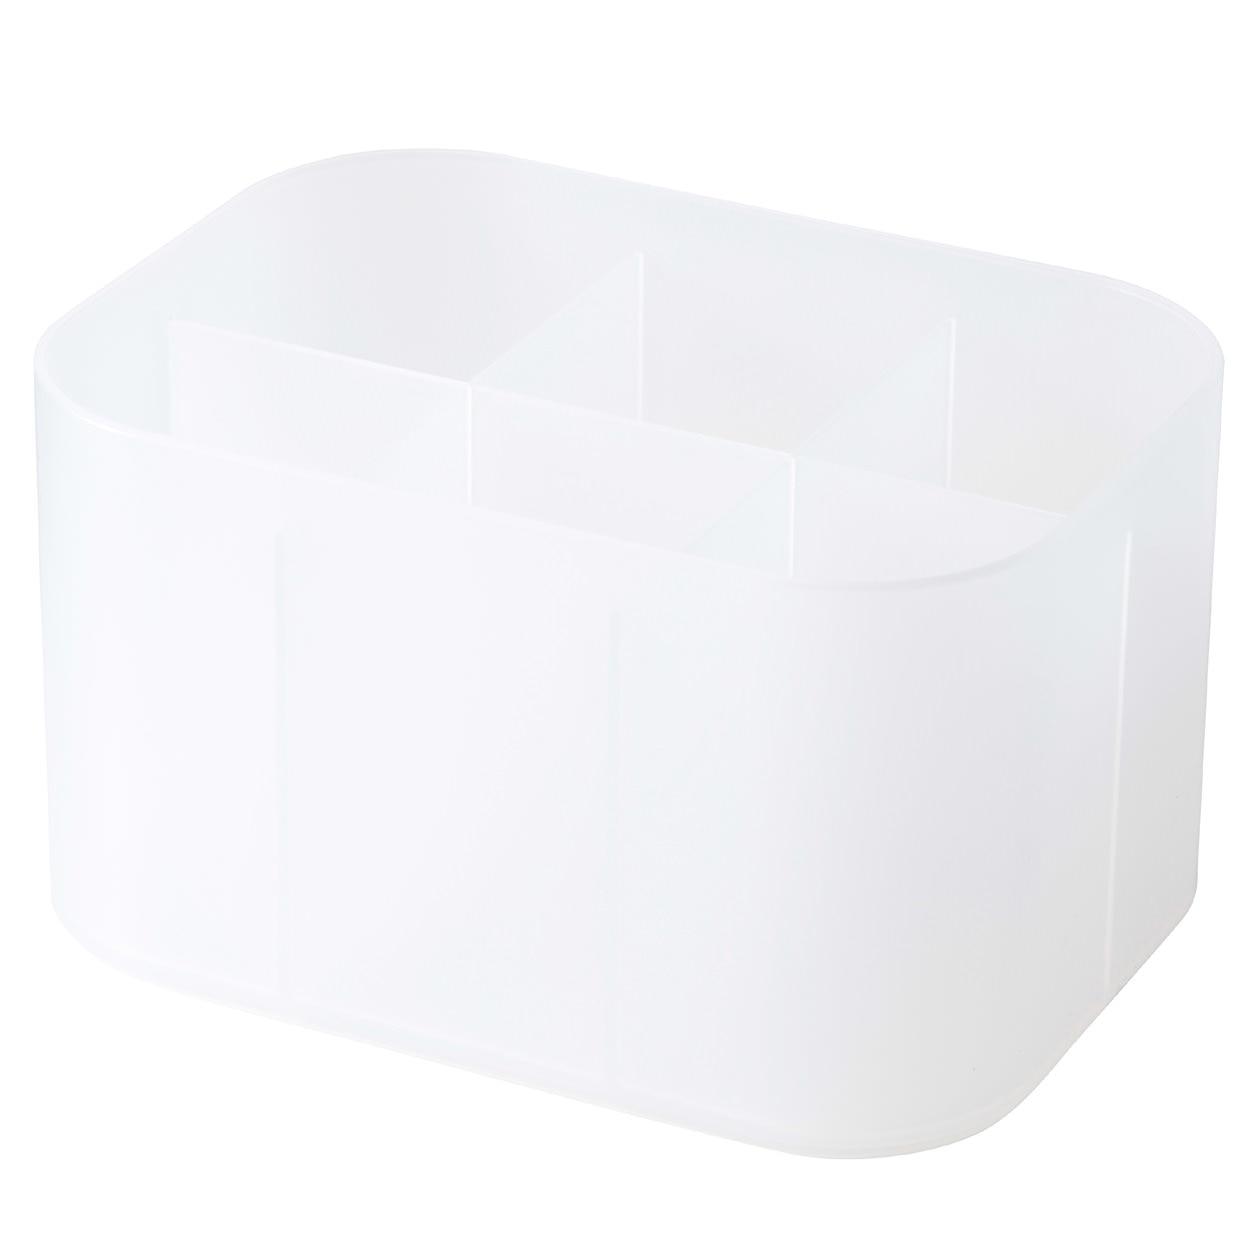 ポリプロピレンメイクボックス・仕切付・1/2横ハーフの写真